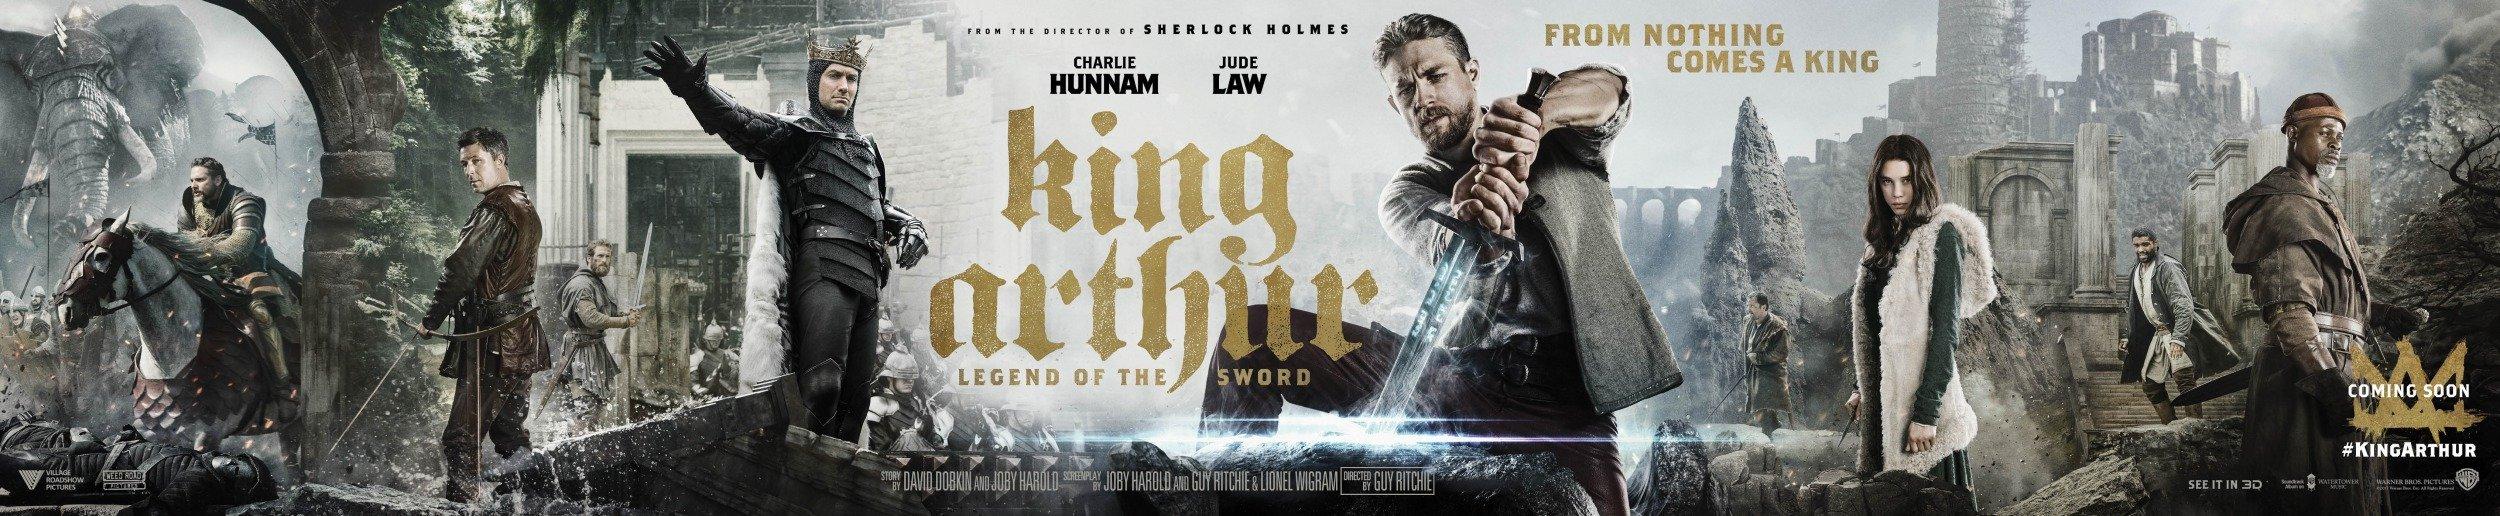 Bannière du film Le Roi Arthur: La Légende d'Excalibur